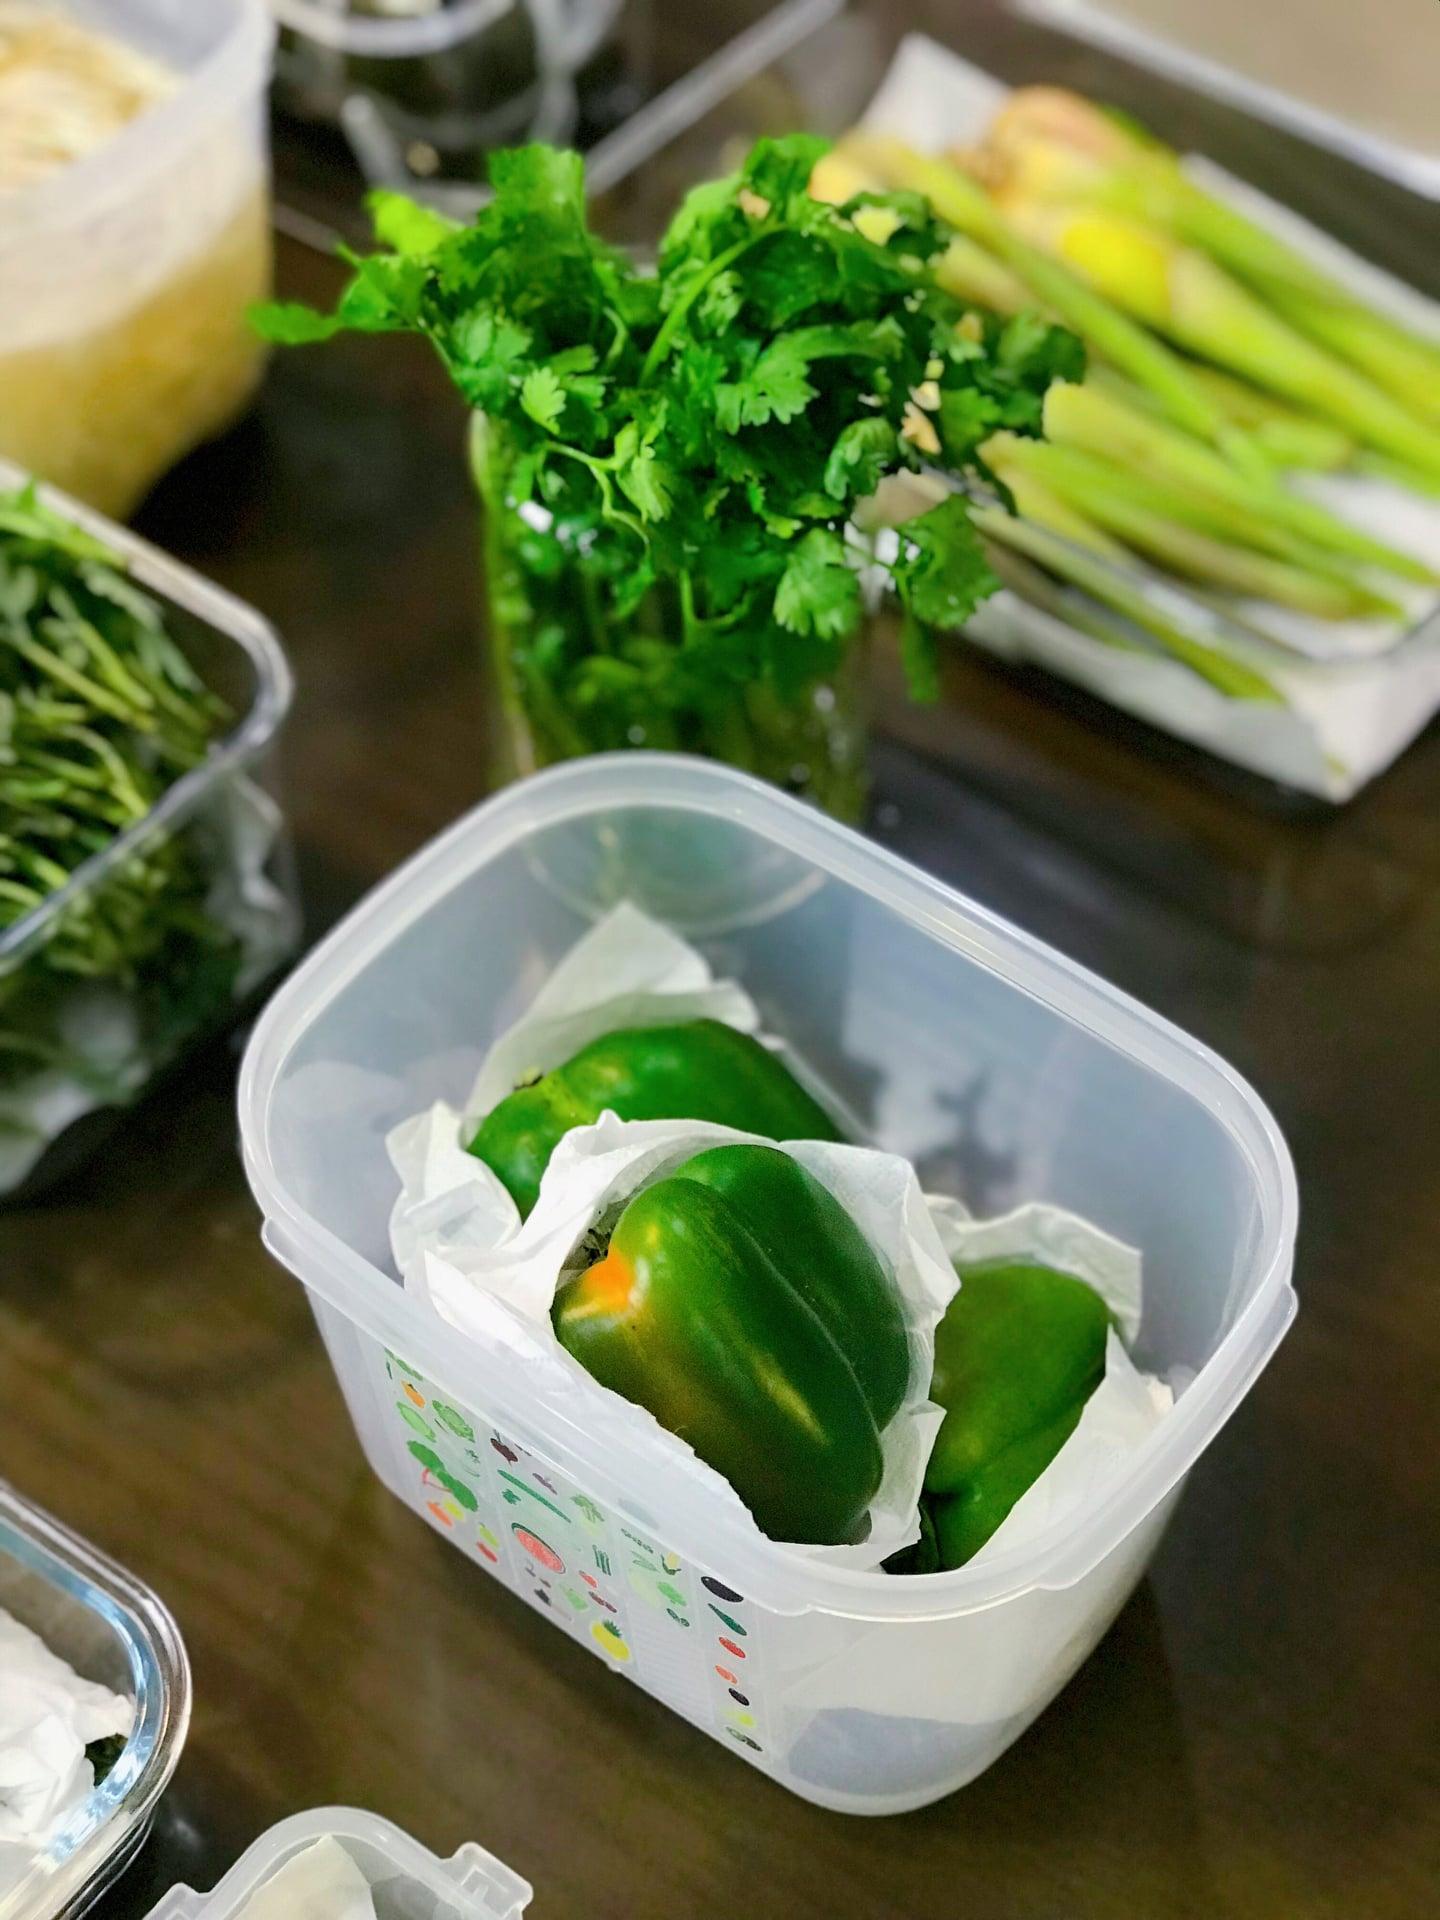 Gái đảm Sài Gòn bảo quản 11 loại thực phẩm tươi cả tuần mùa dịch - 8